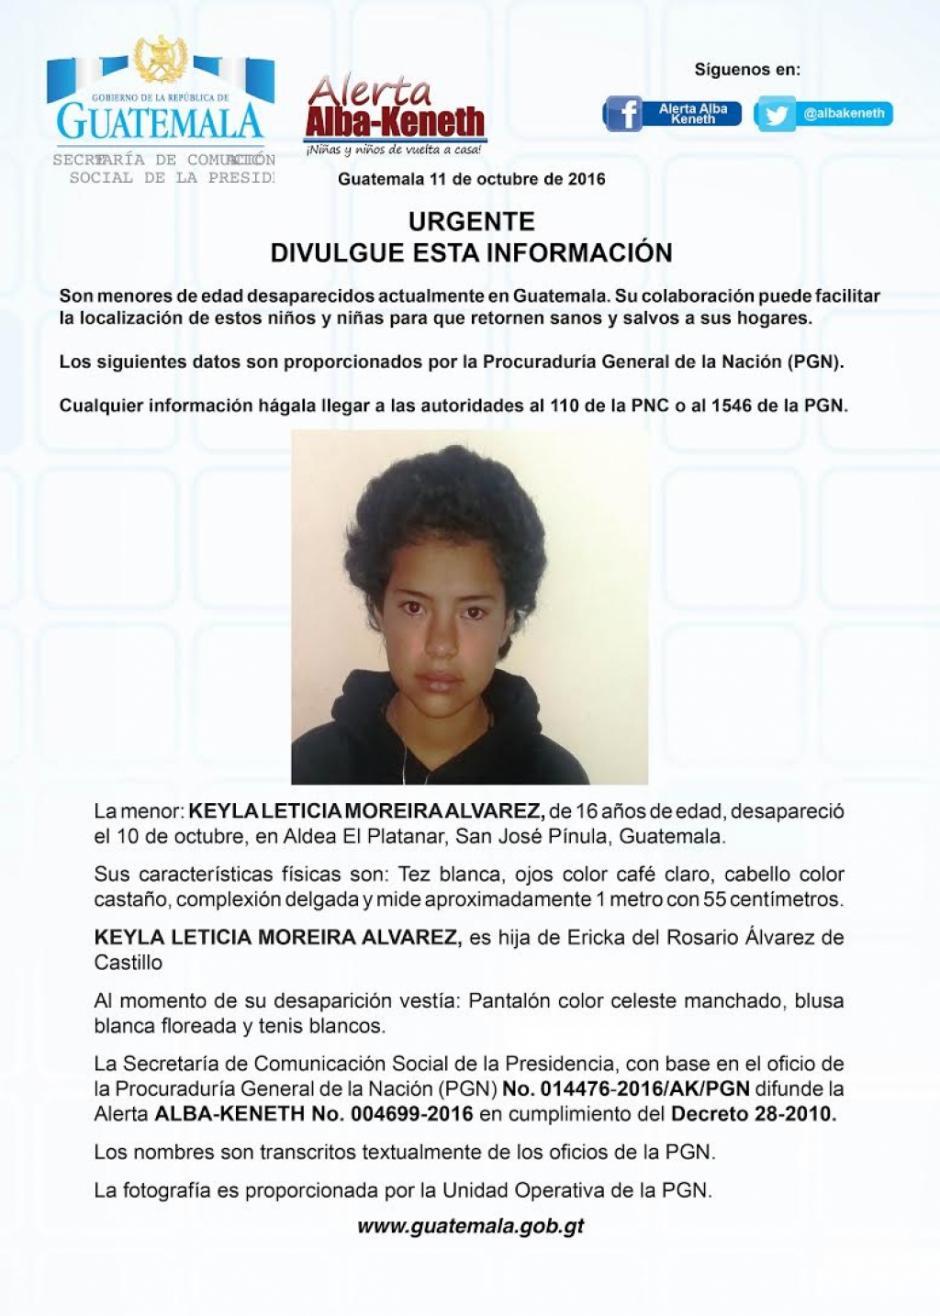 Por Keyla Leticia Moreira Álvarez, también se activó una alerta. (Imagen: Twitter/Alerta Alba Keneth)